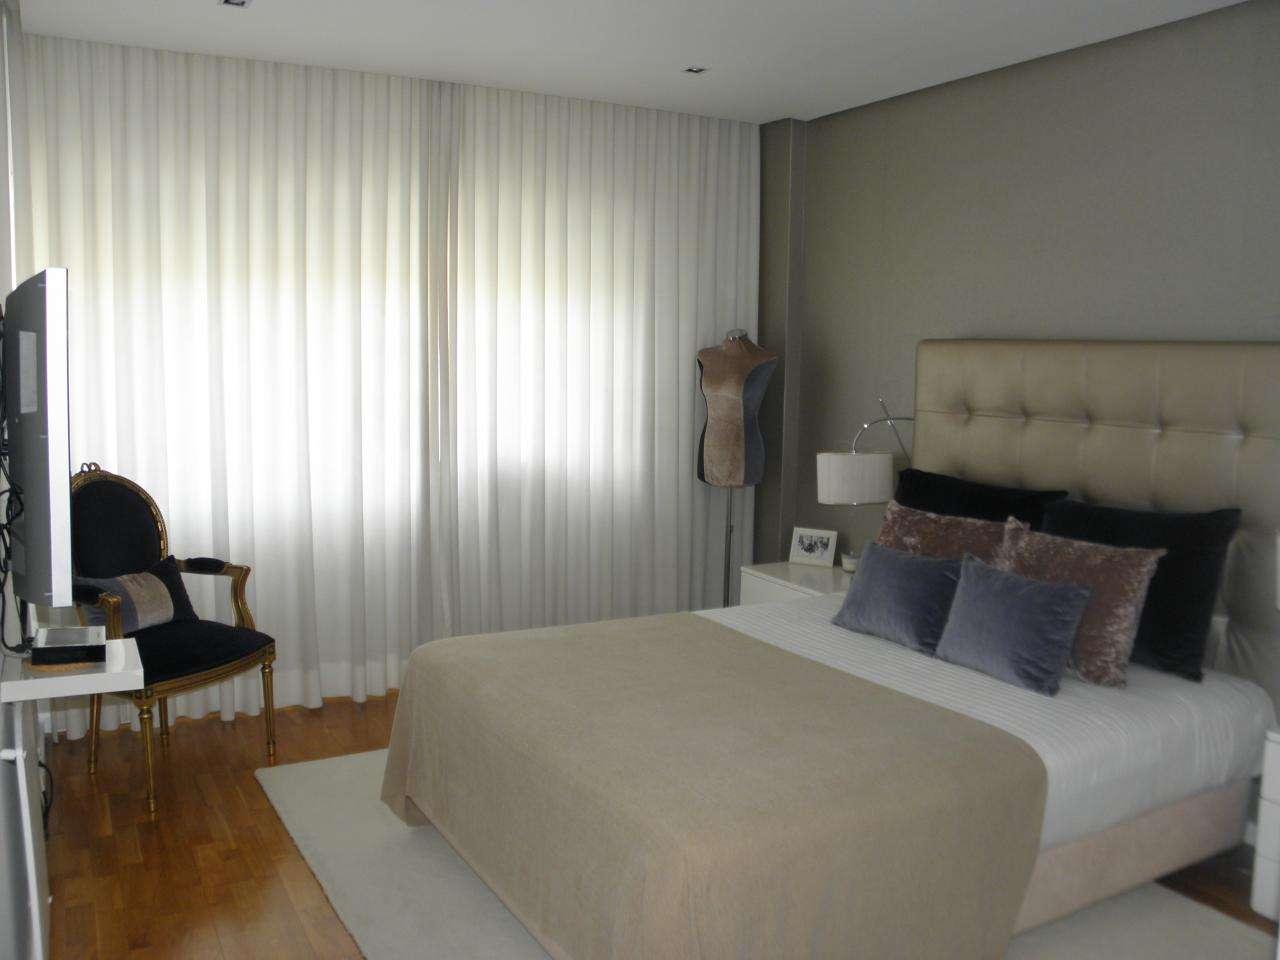 Apartamento para comprar, Parque das Nações, Lisboa - Foto 6